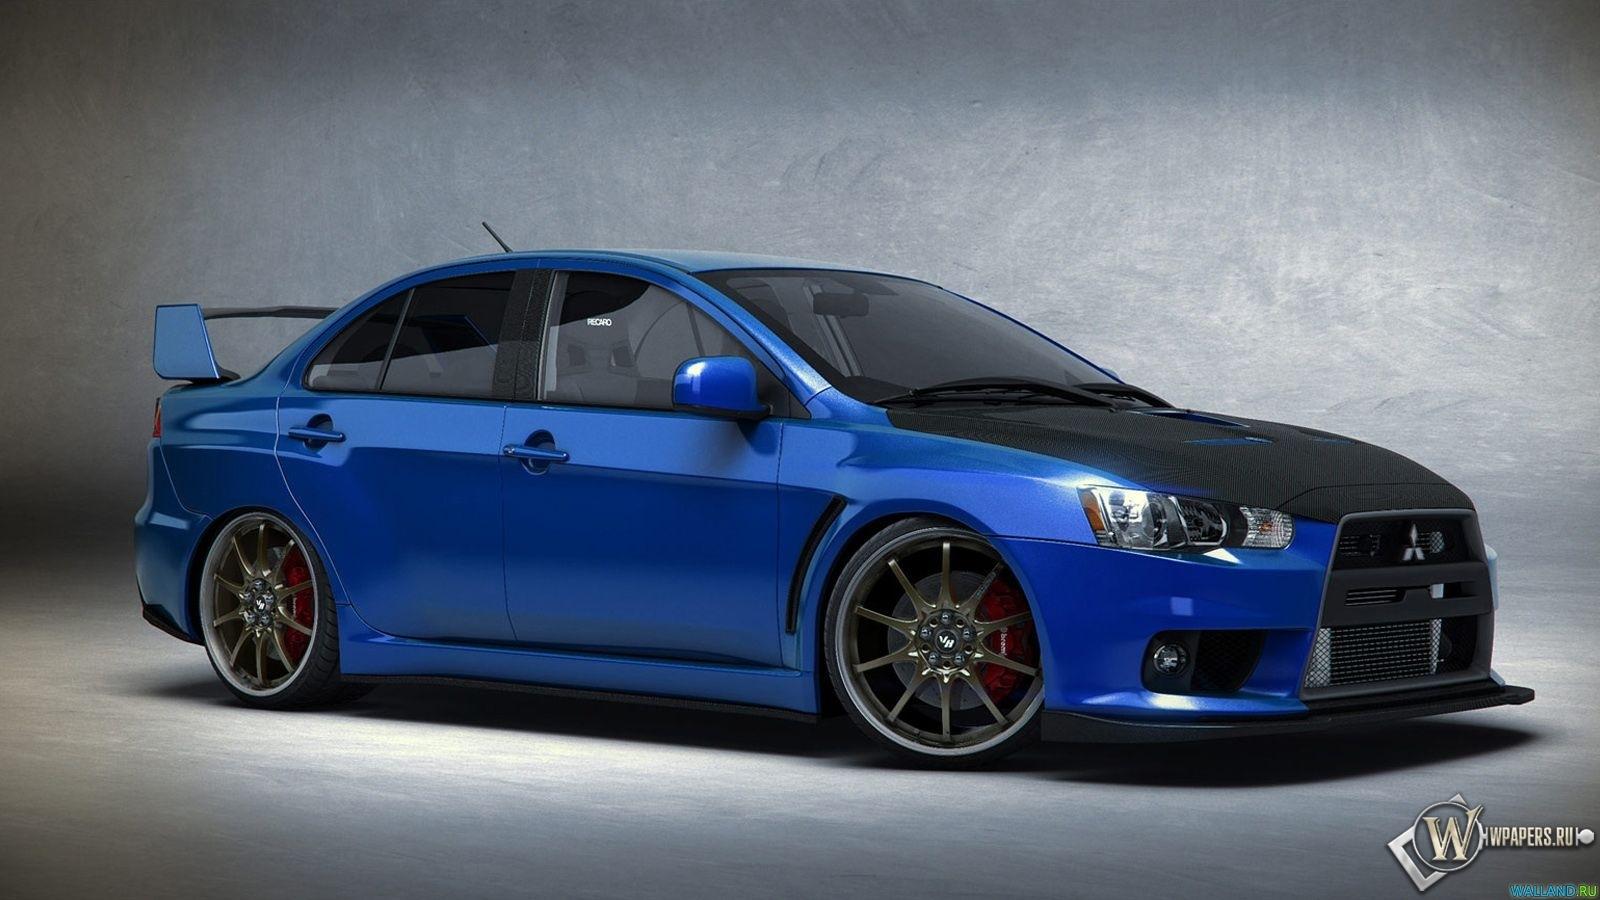 Скачать обои Синий Mitsubishi Lancer Evo Синий